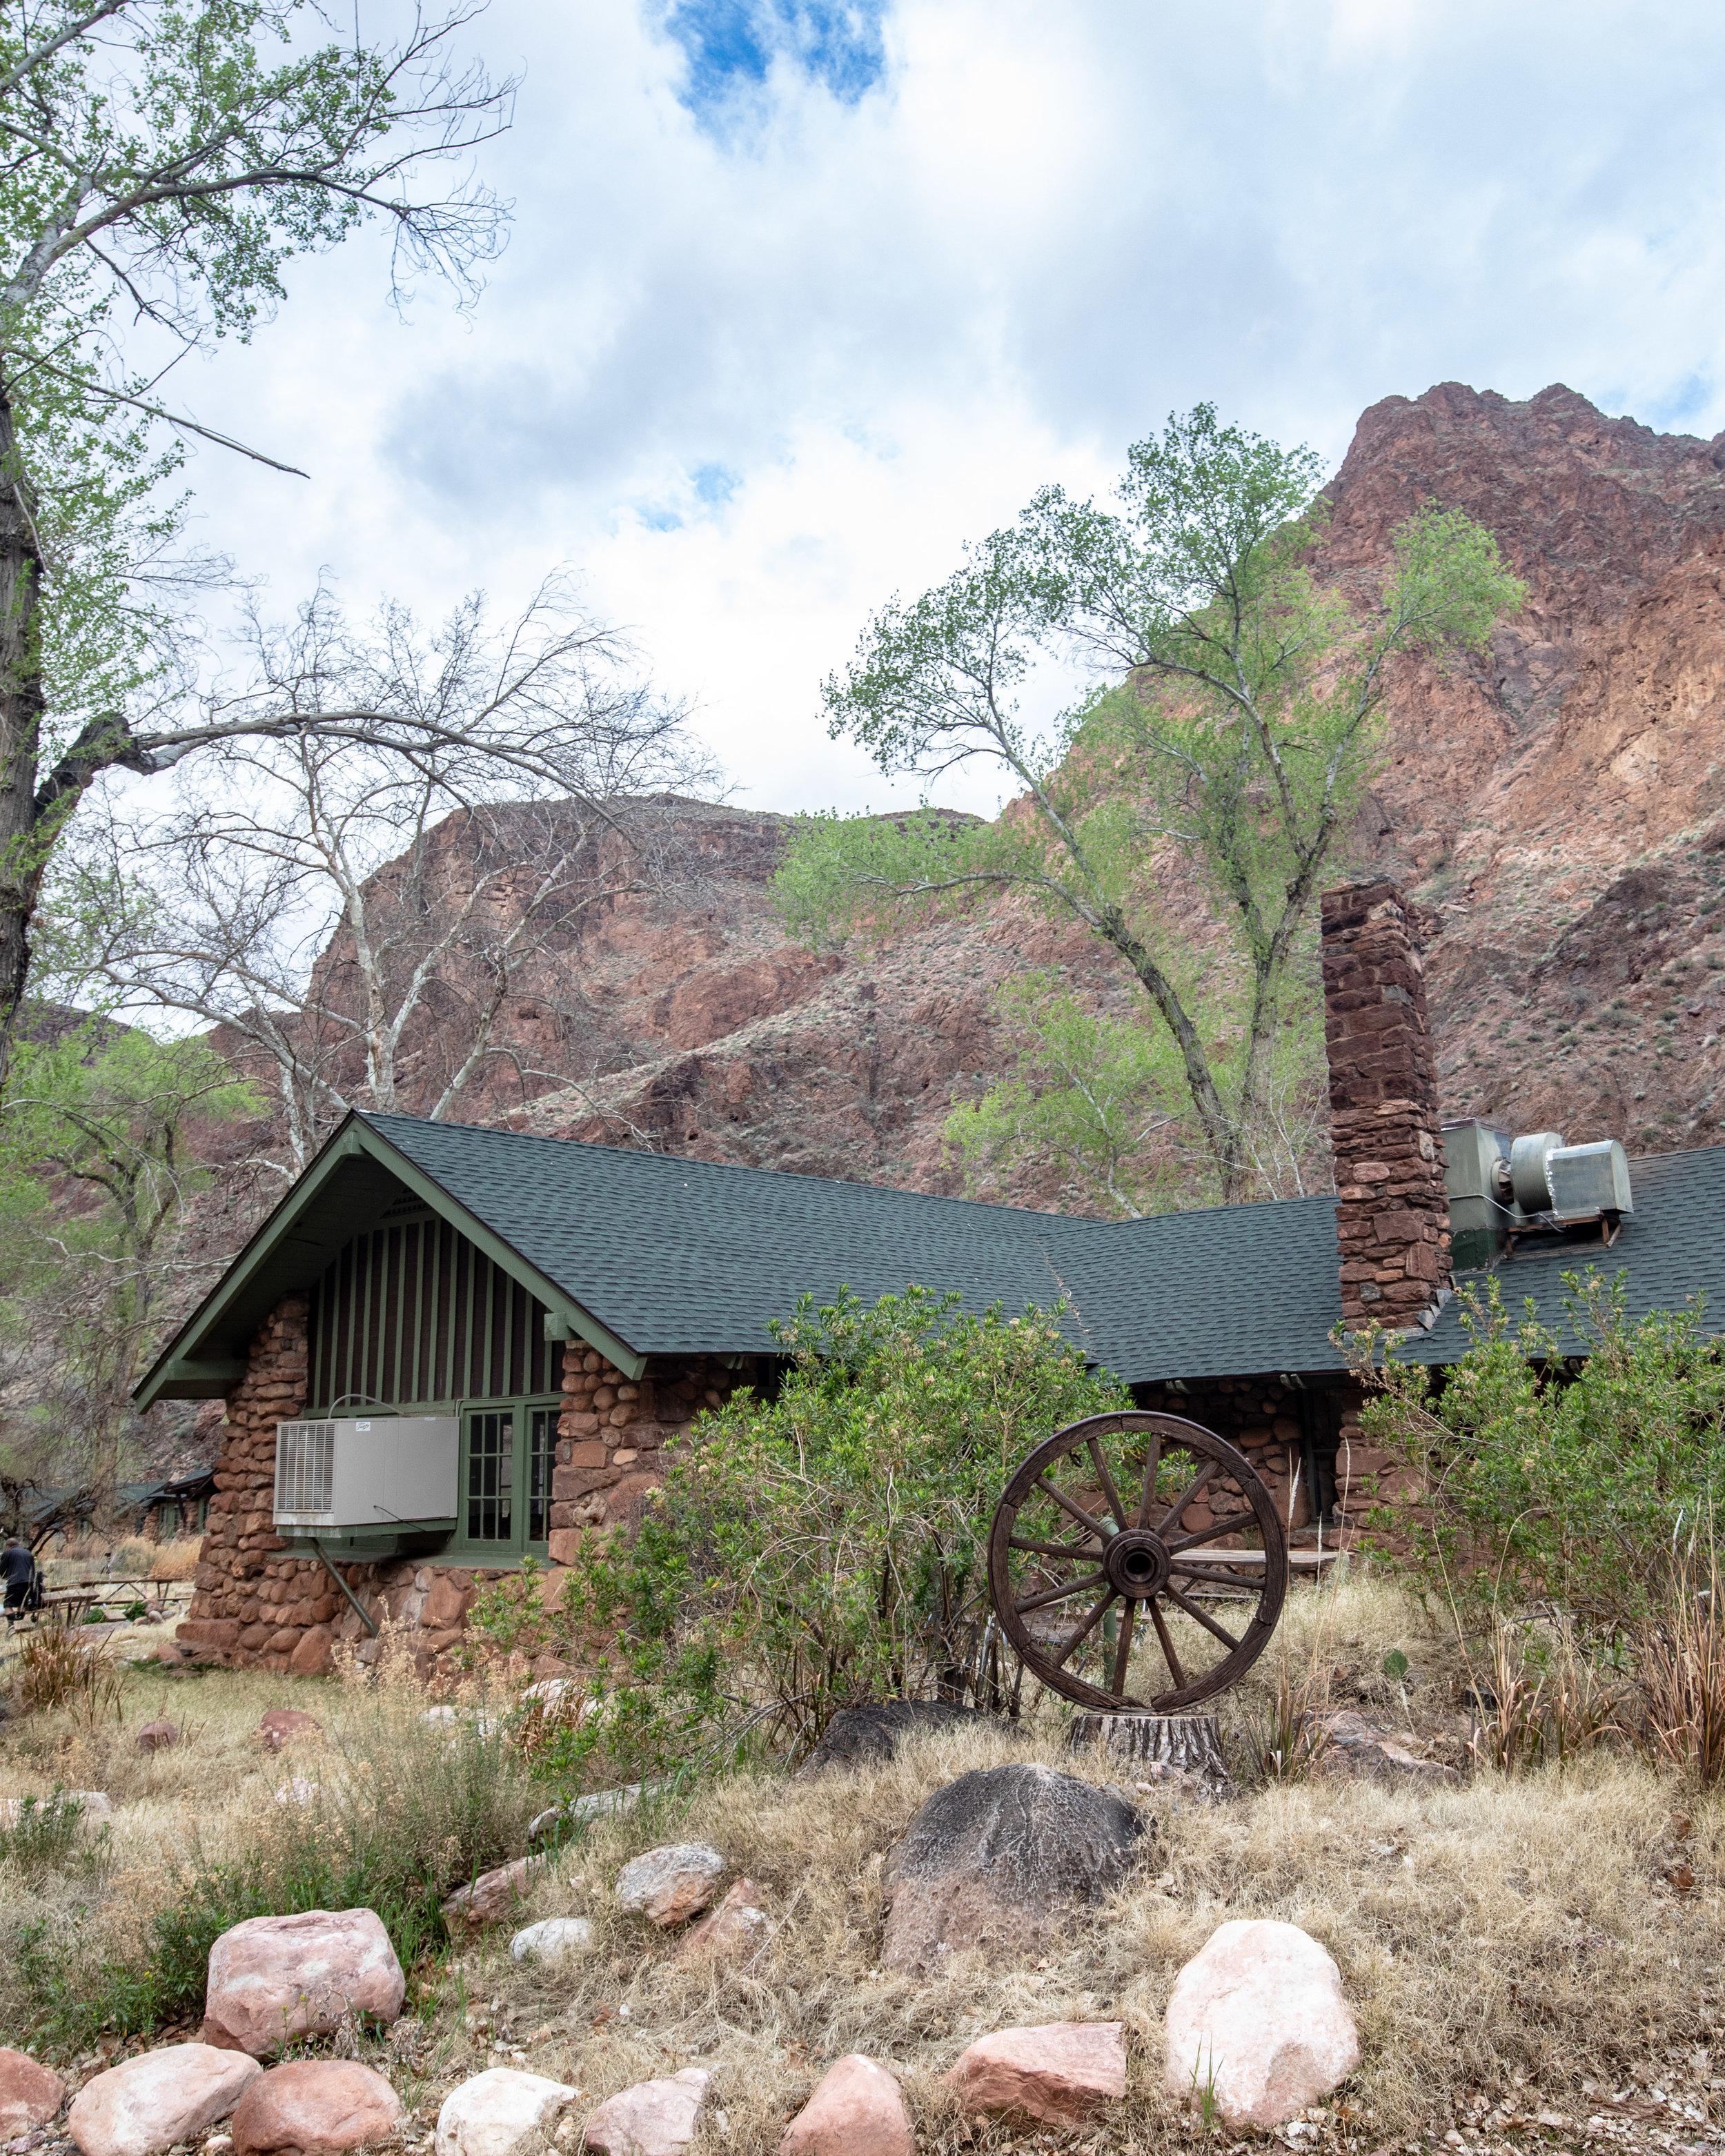 The canteen at Phantom Ranch